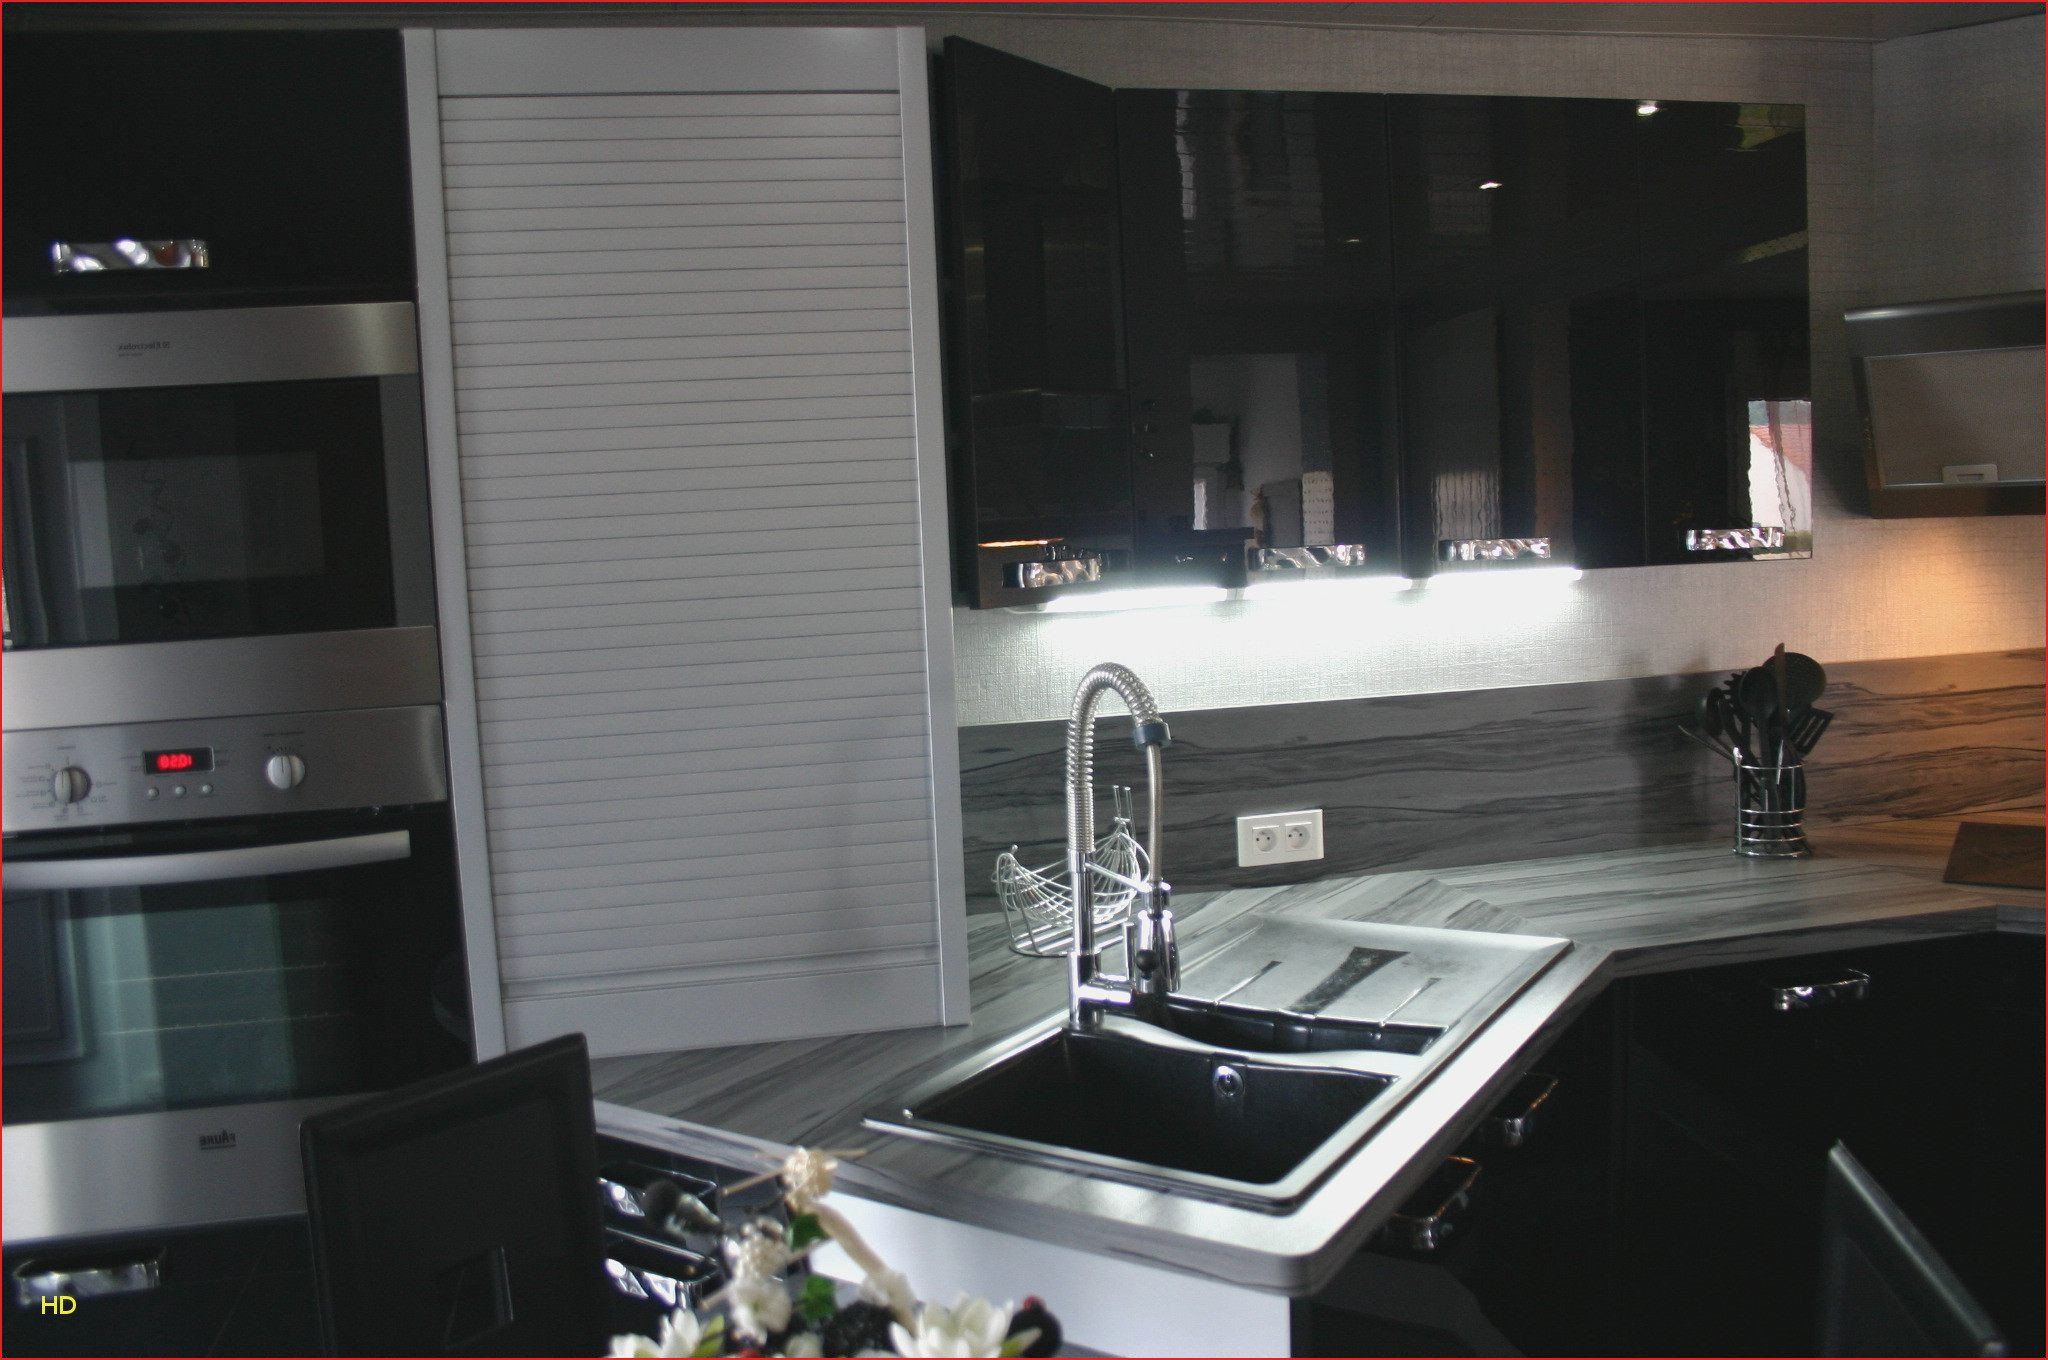 salon de jardin solde castorama castorama meuble de jardin 69 castorama meuble cuisine of salon de jardin solde castorama